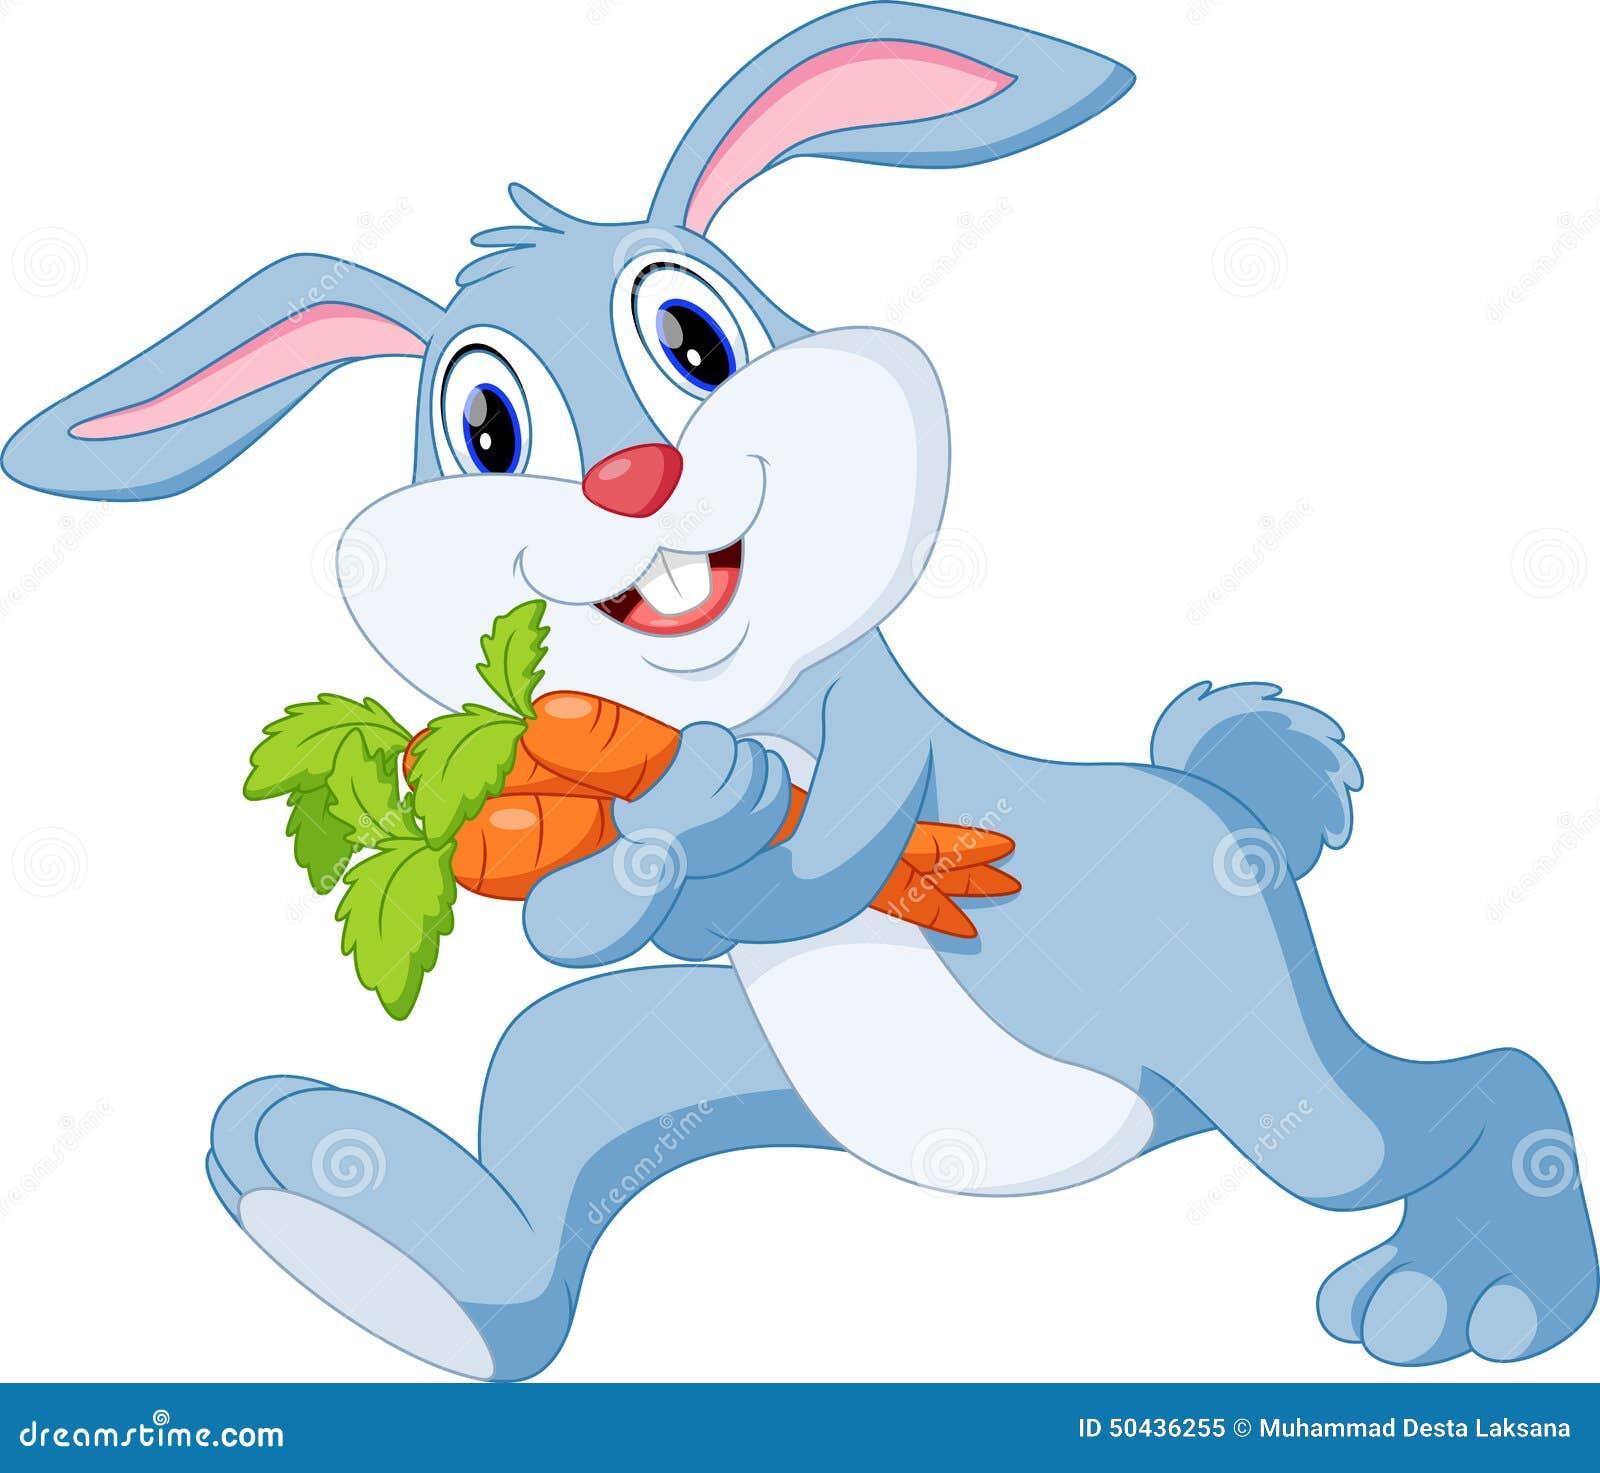 Dessin anim mignon de lapin illustration stock image 50436255 - Lapin mignon dessin ...